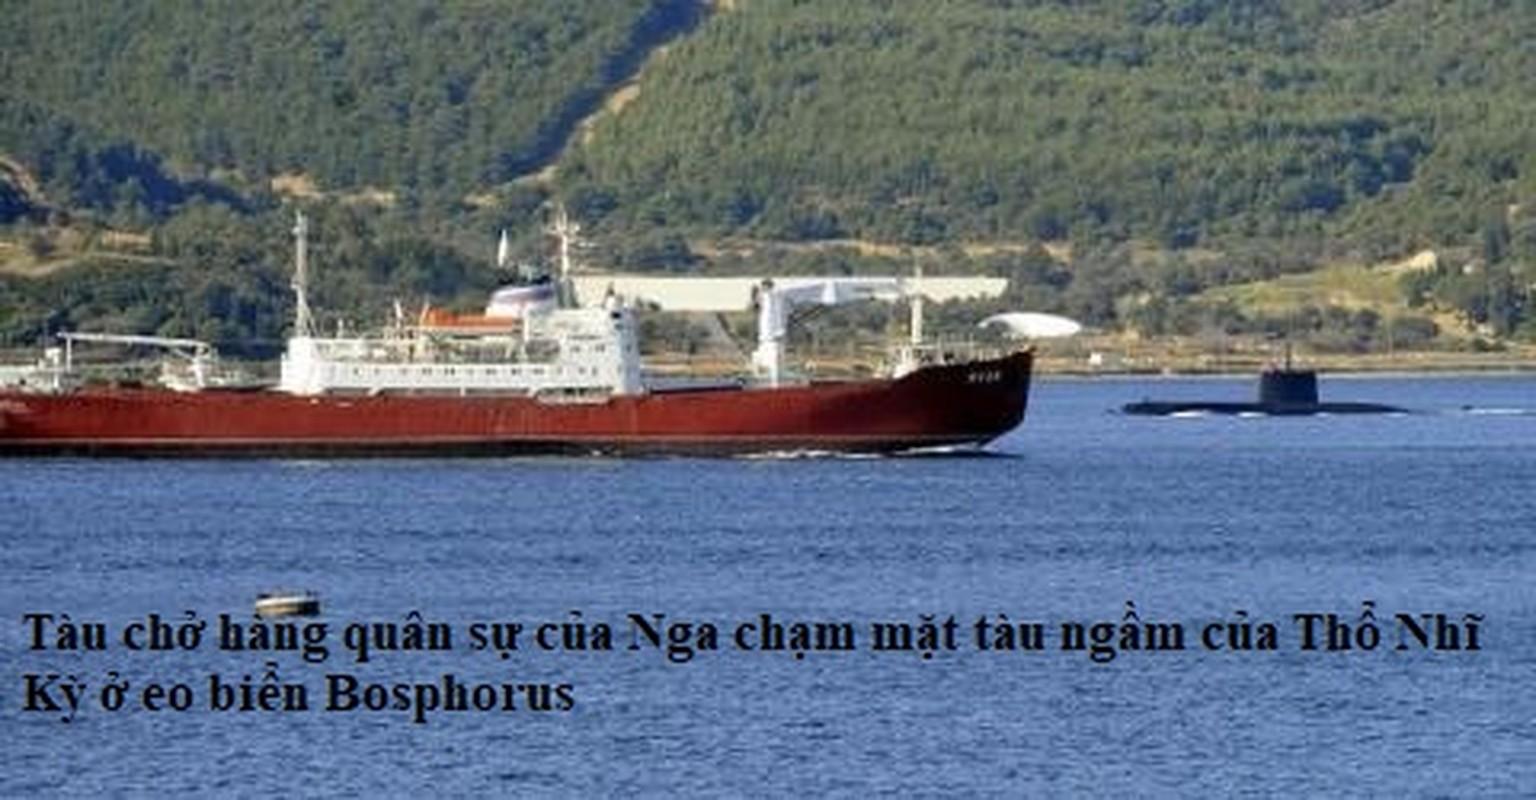 """MiG-31 phong ten lua sieu thanh; Nga nhac nho: """"Tho Nhi Ky khong nen ngao man!""""-Hinh-11"""